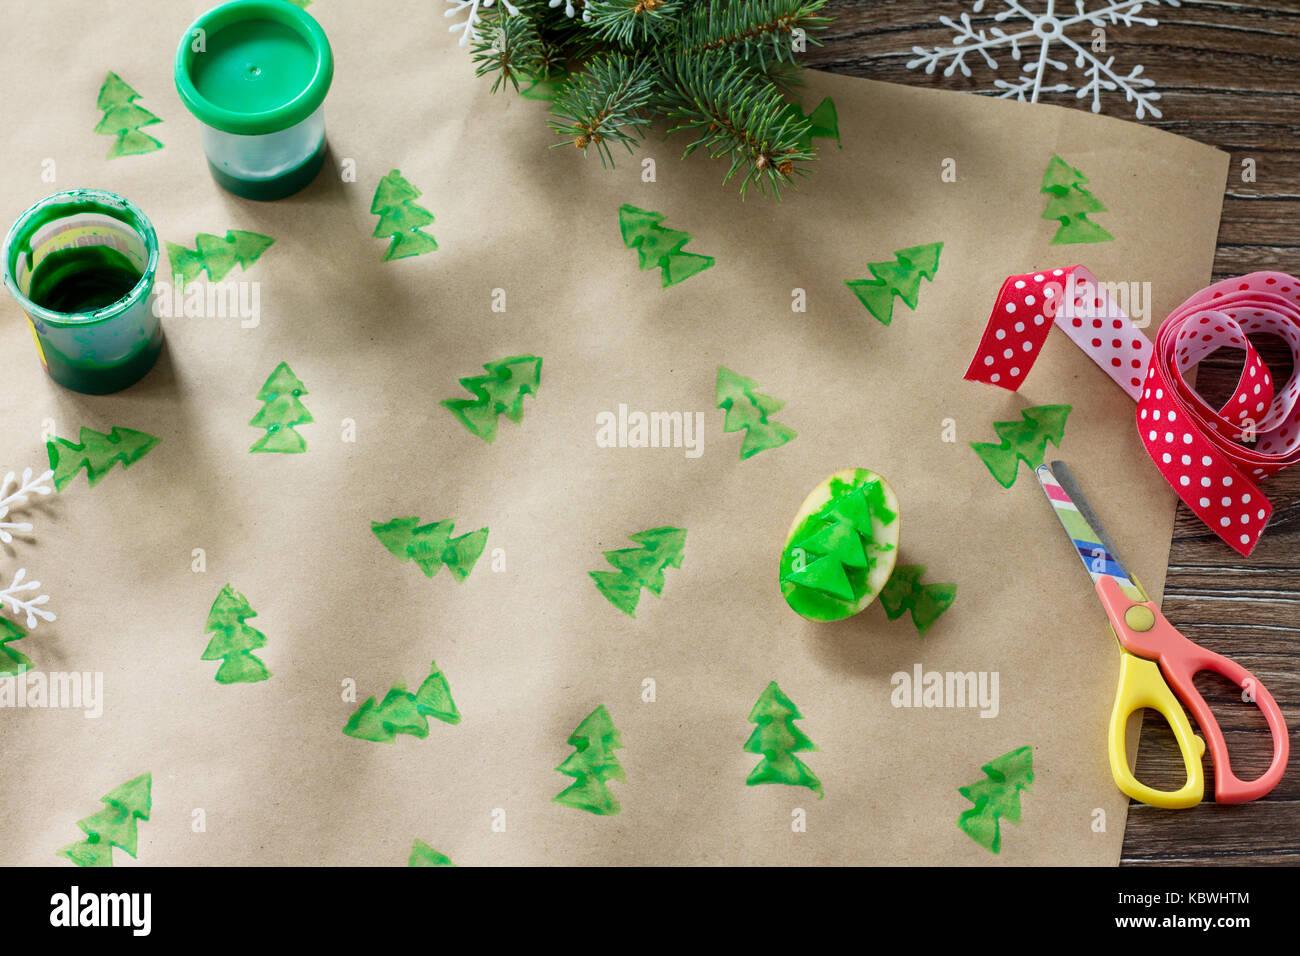 Kind zeichnet Details von Weihnachten Geschenke Box und Schneemann ...